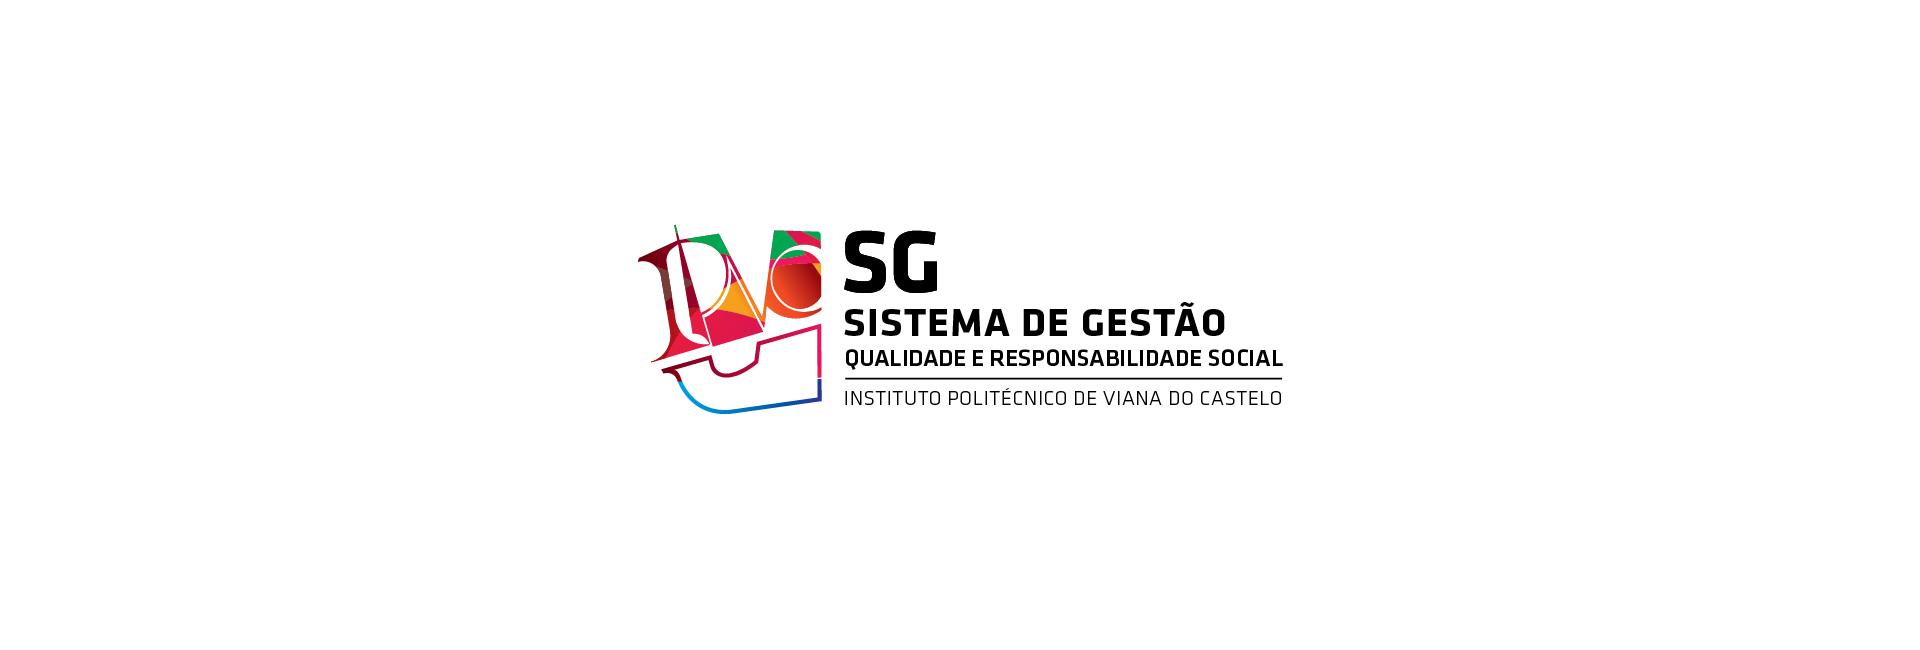 (Português) Sistema de Gestão